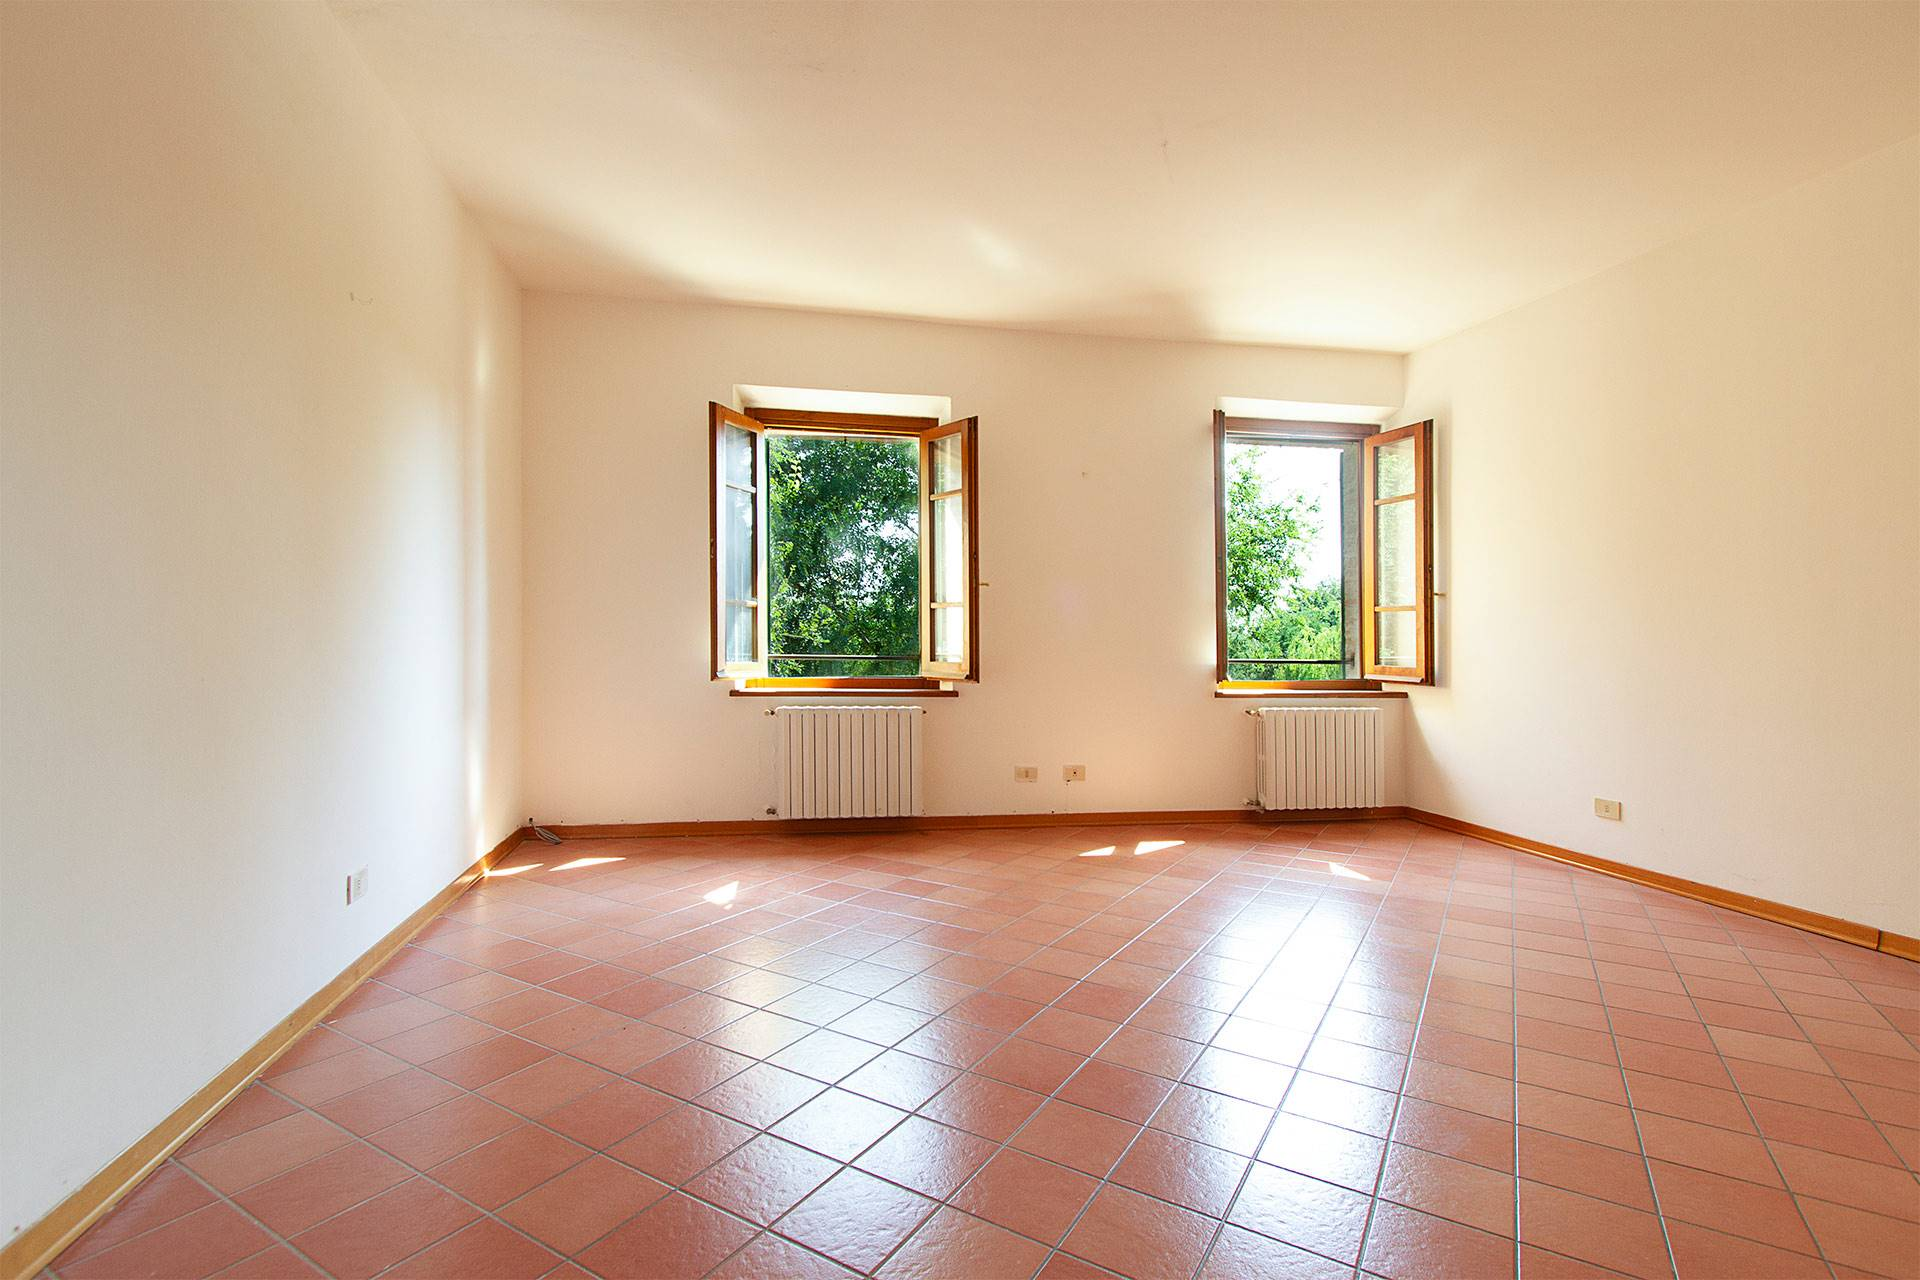 Appartamento posto al primo piano del Borgo La Loccaia sulla collina di Montecchio, tra Costalpino e San Rocco a Pilli, ad appena 4 km da Siena. Il